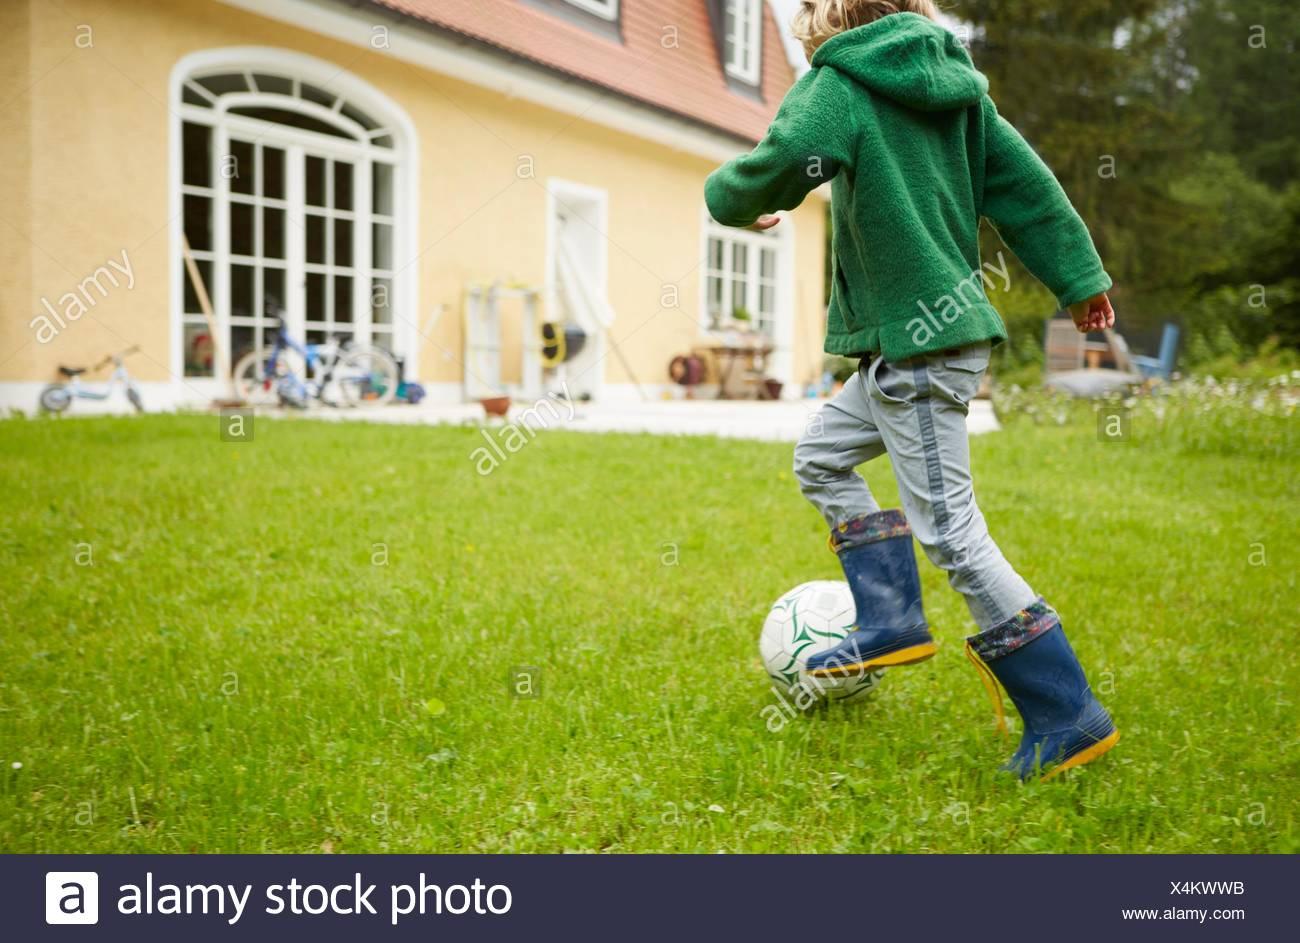 Rückansicht des jungen tragen Gummistiefel im Garten Fußball spielen Stockbild